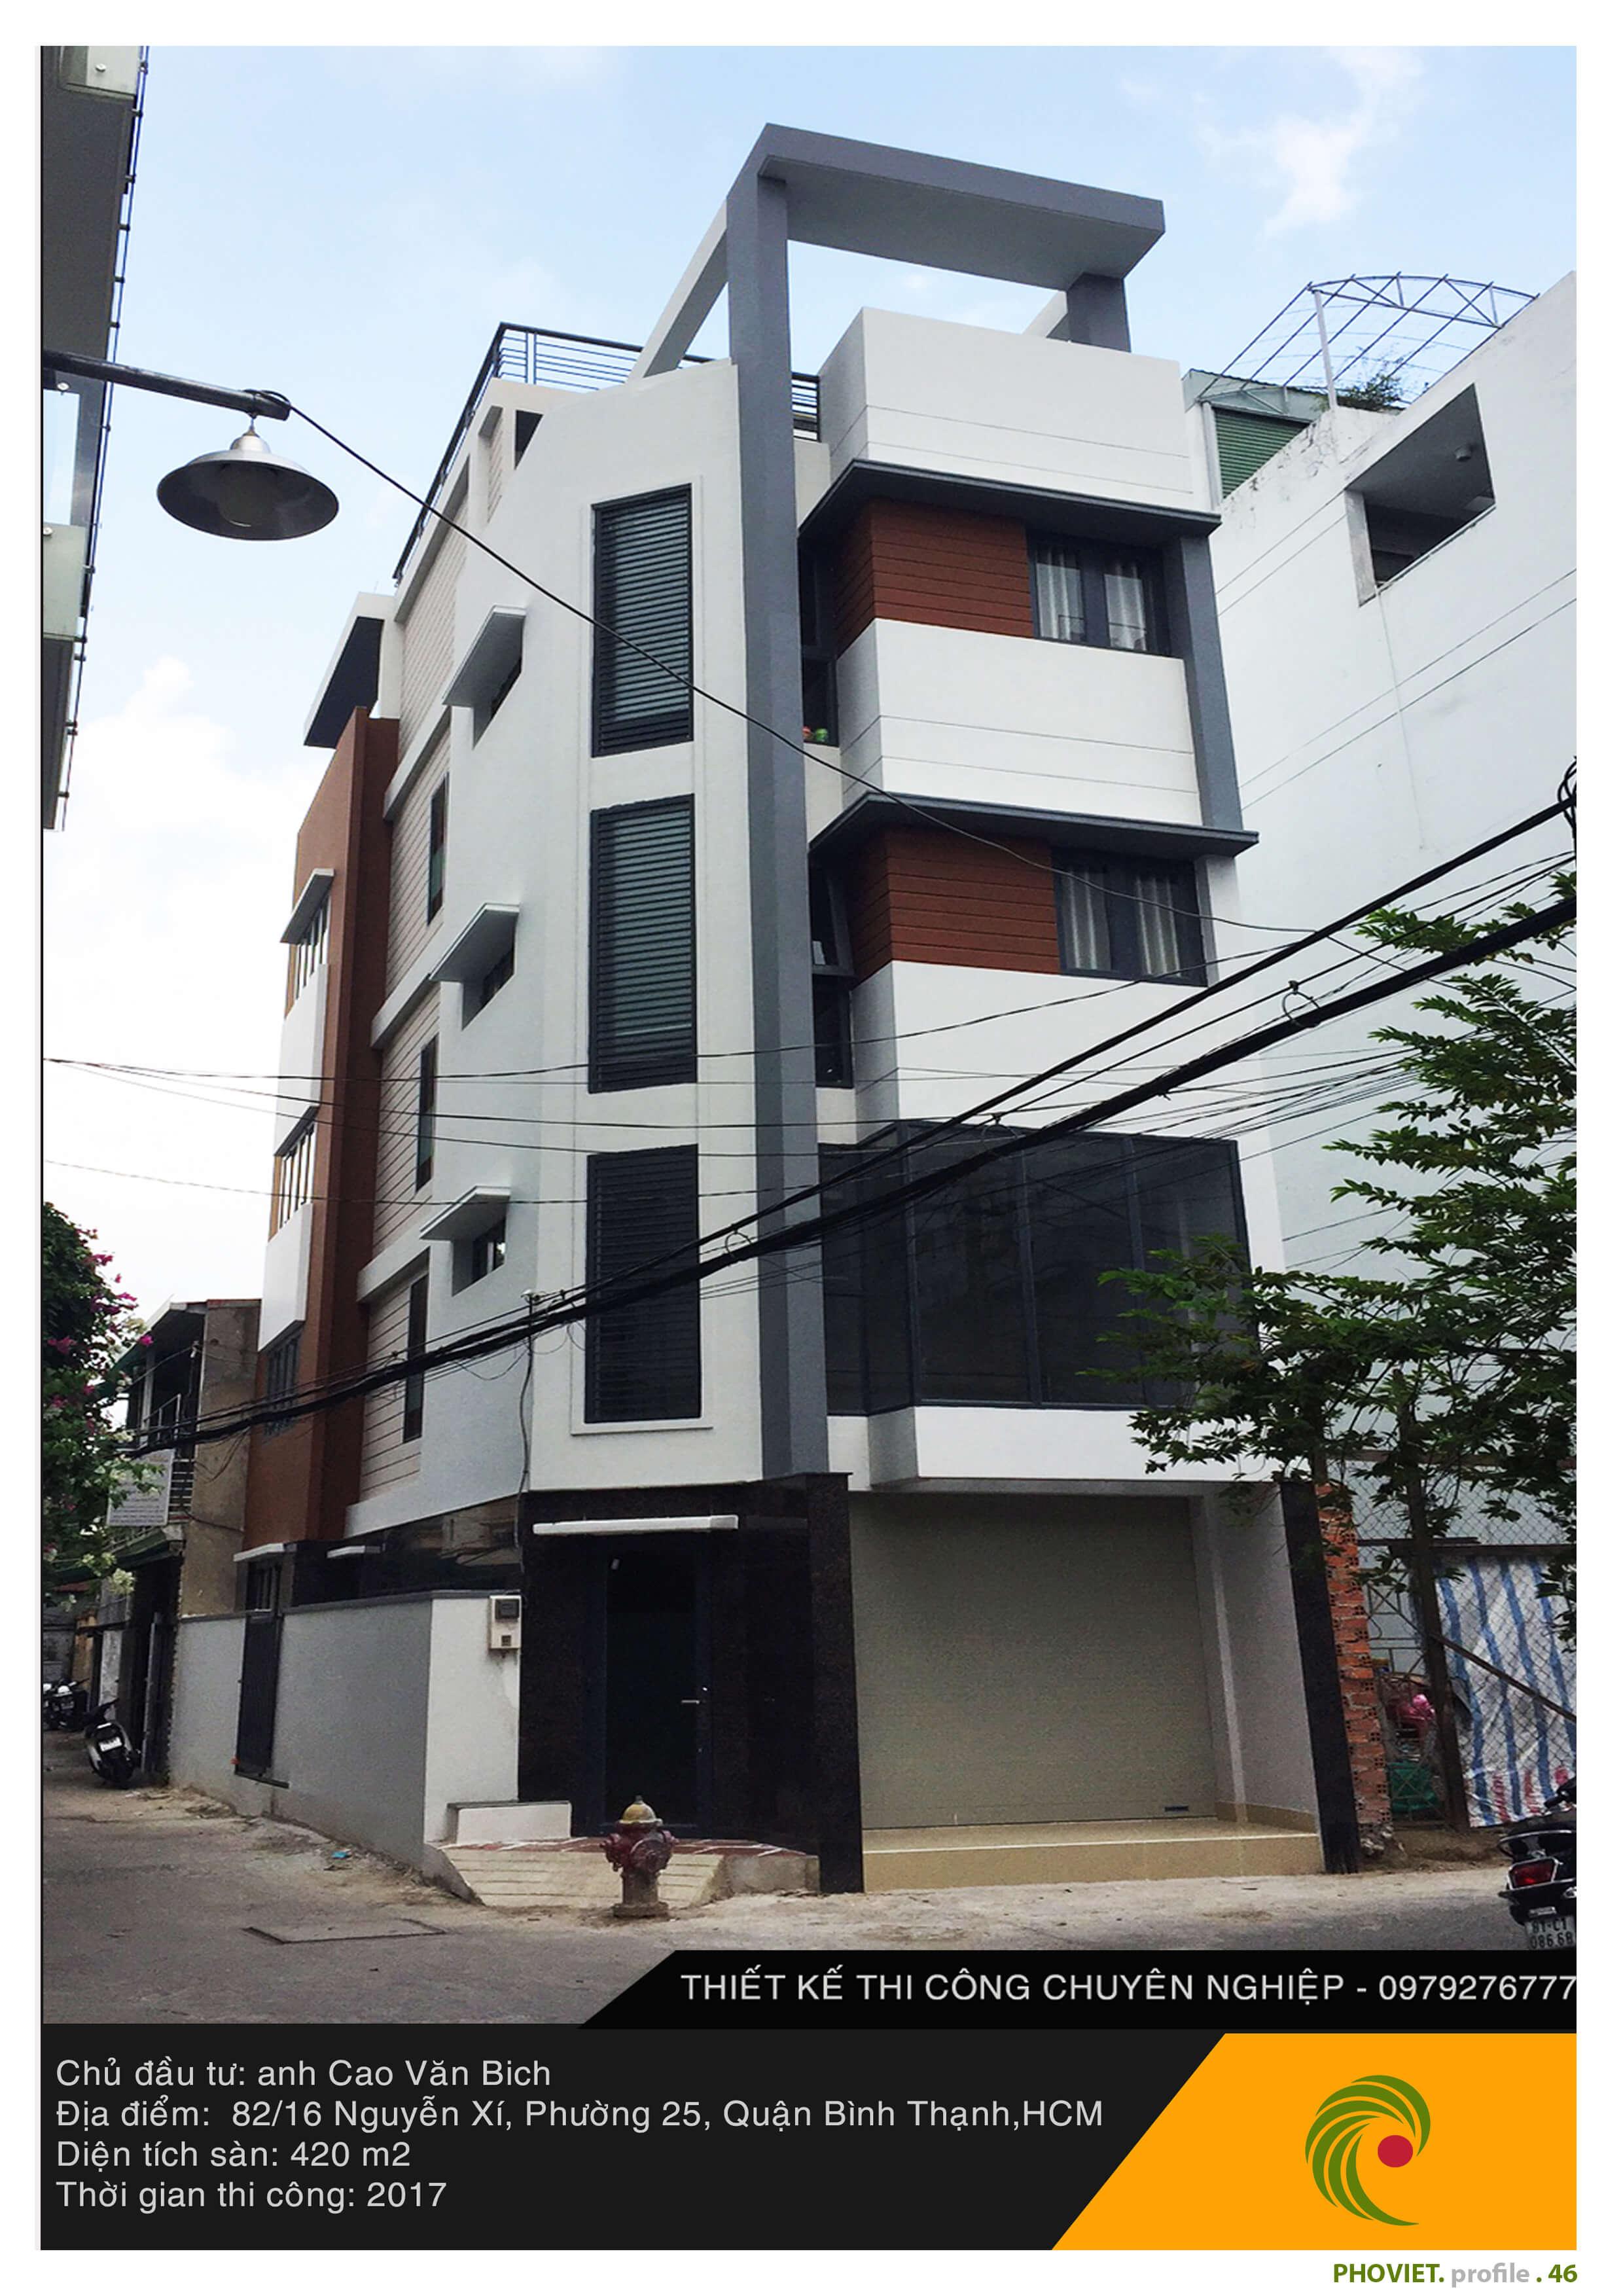 Công trình nhà phố 4 tầng kết hợp tum mái giúp tăng diện tích sử dụng và tính thẩm mỹ